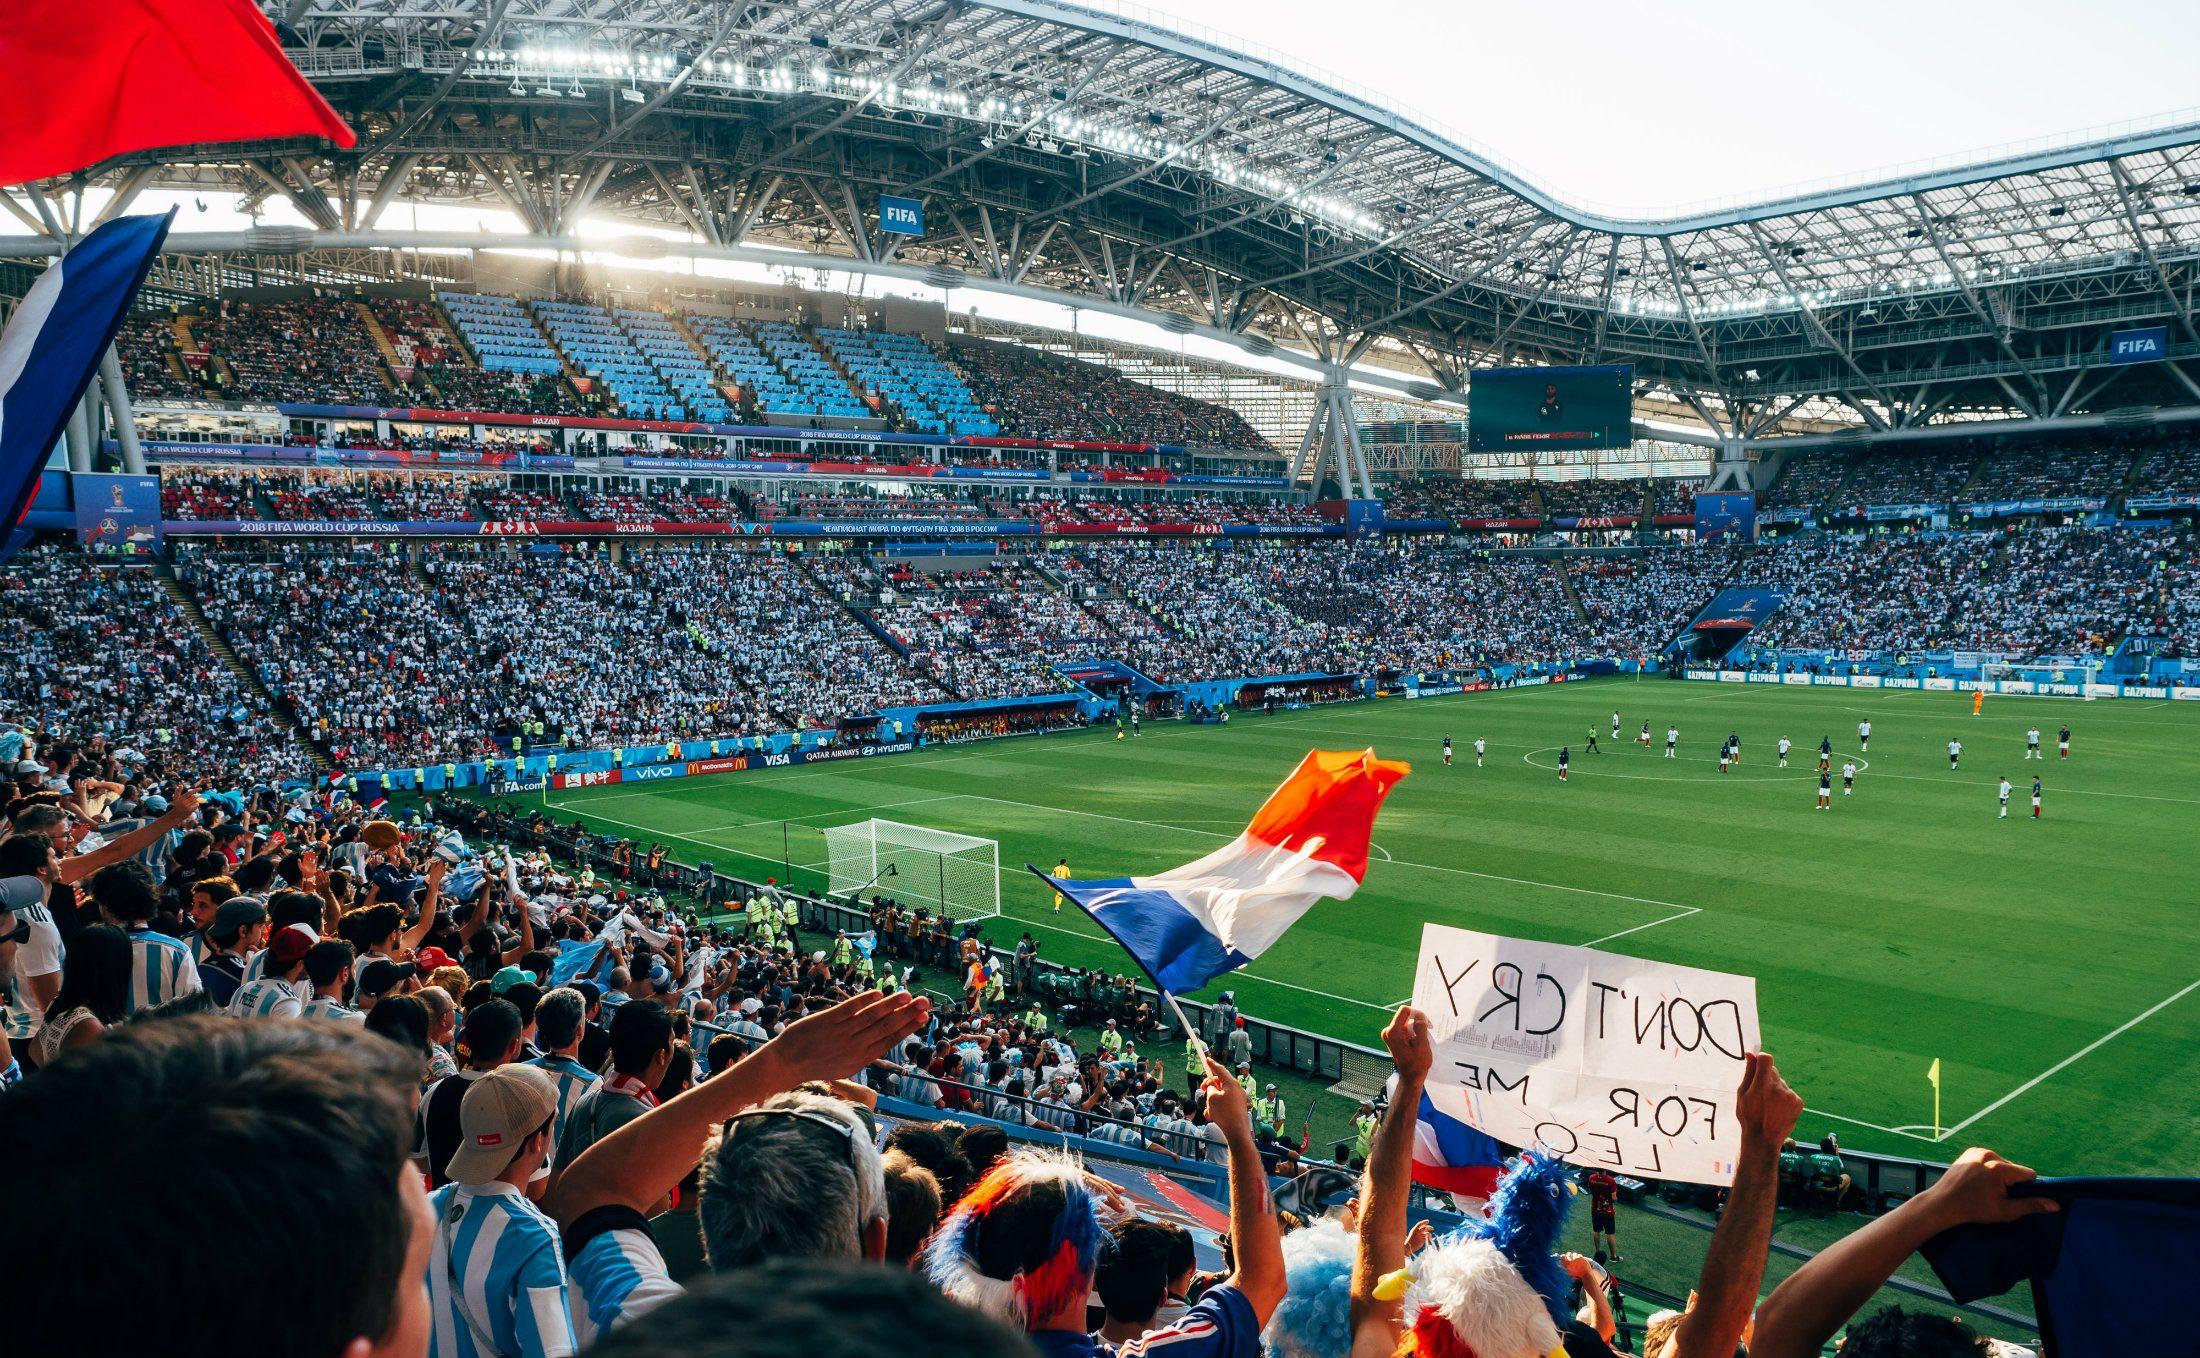 Französische Fans bei der Fußball-WM in Russland